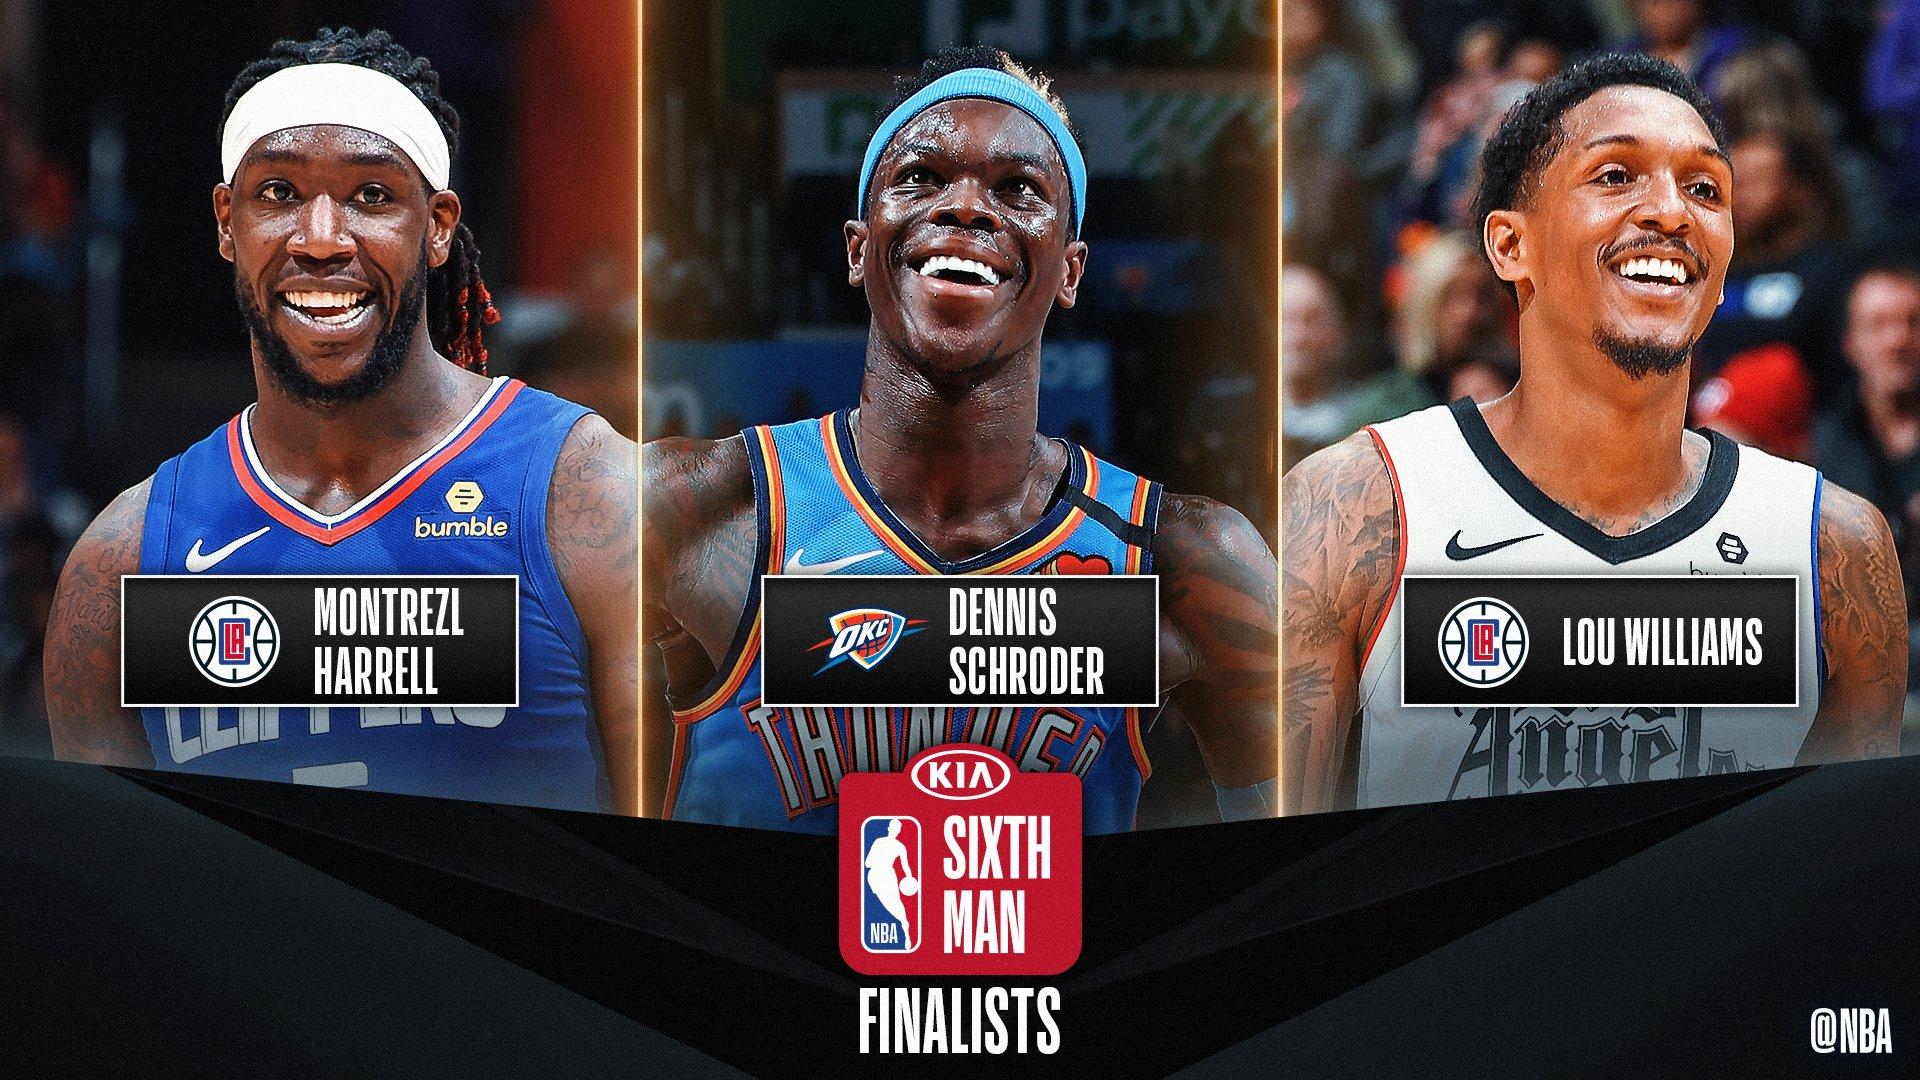 NBA. Scelti i tre finalisti per il premio di sesto uomo dell'anno: Harrell, Schroder e Williams